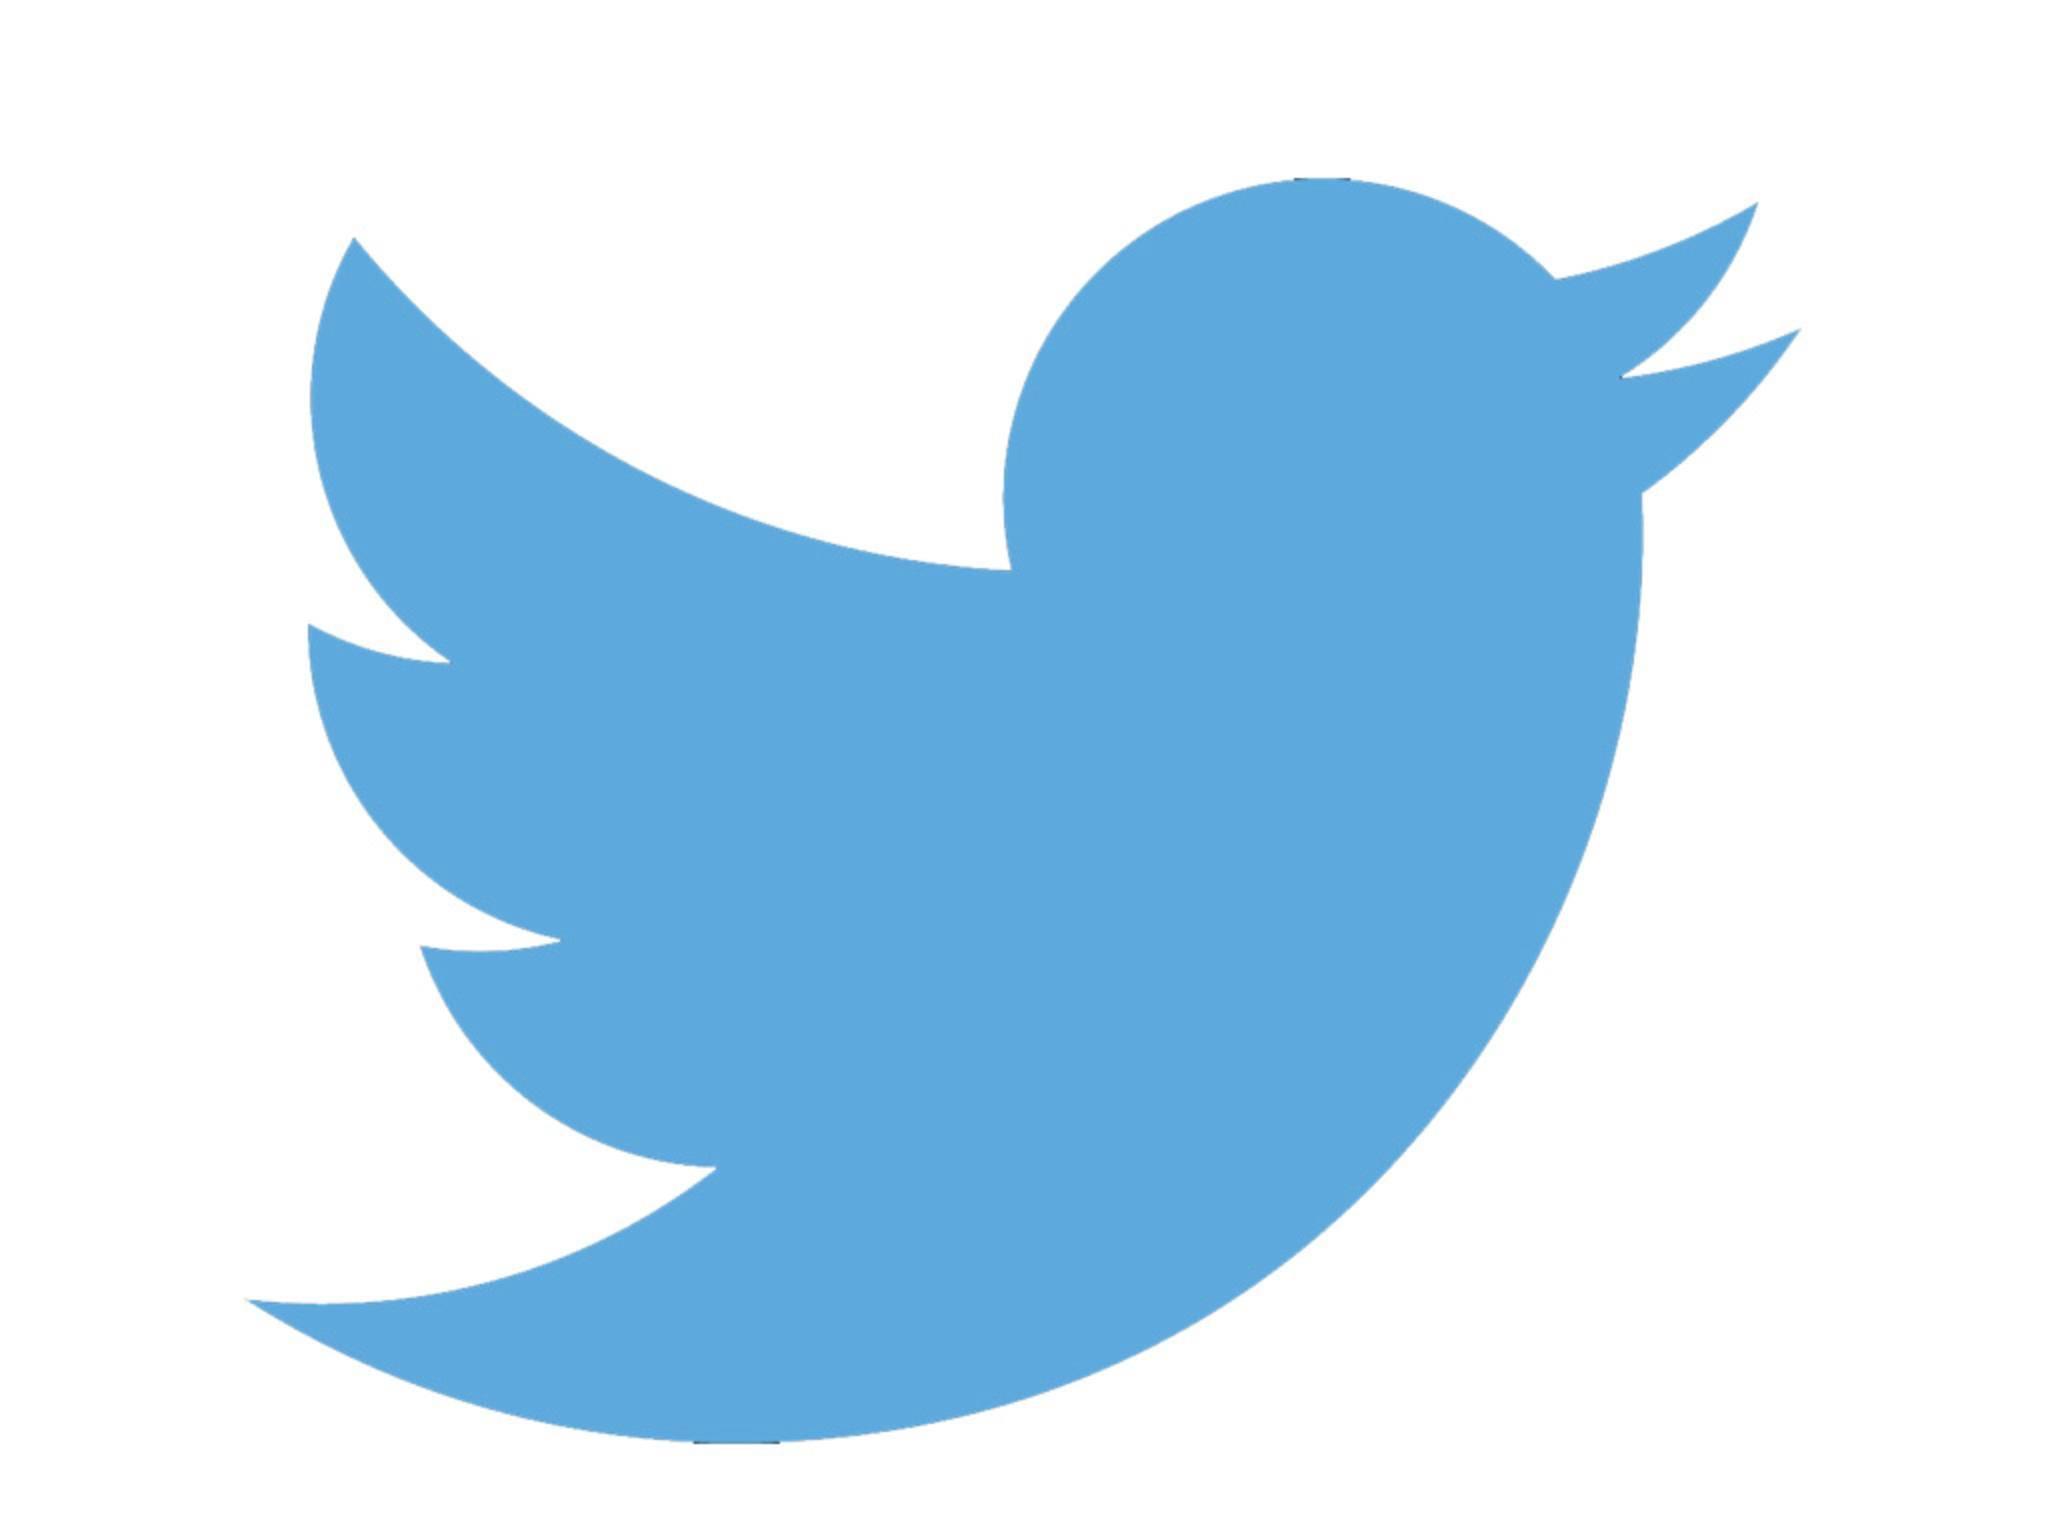 Medienanhänge sollen nicht länger zu den 140 möglichen Tweet-Zeichen gezählt werden.